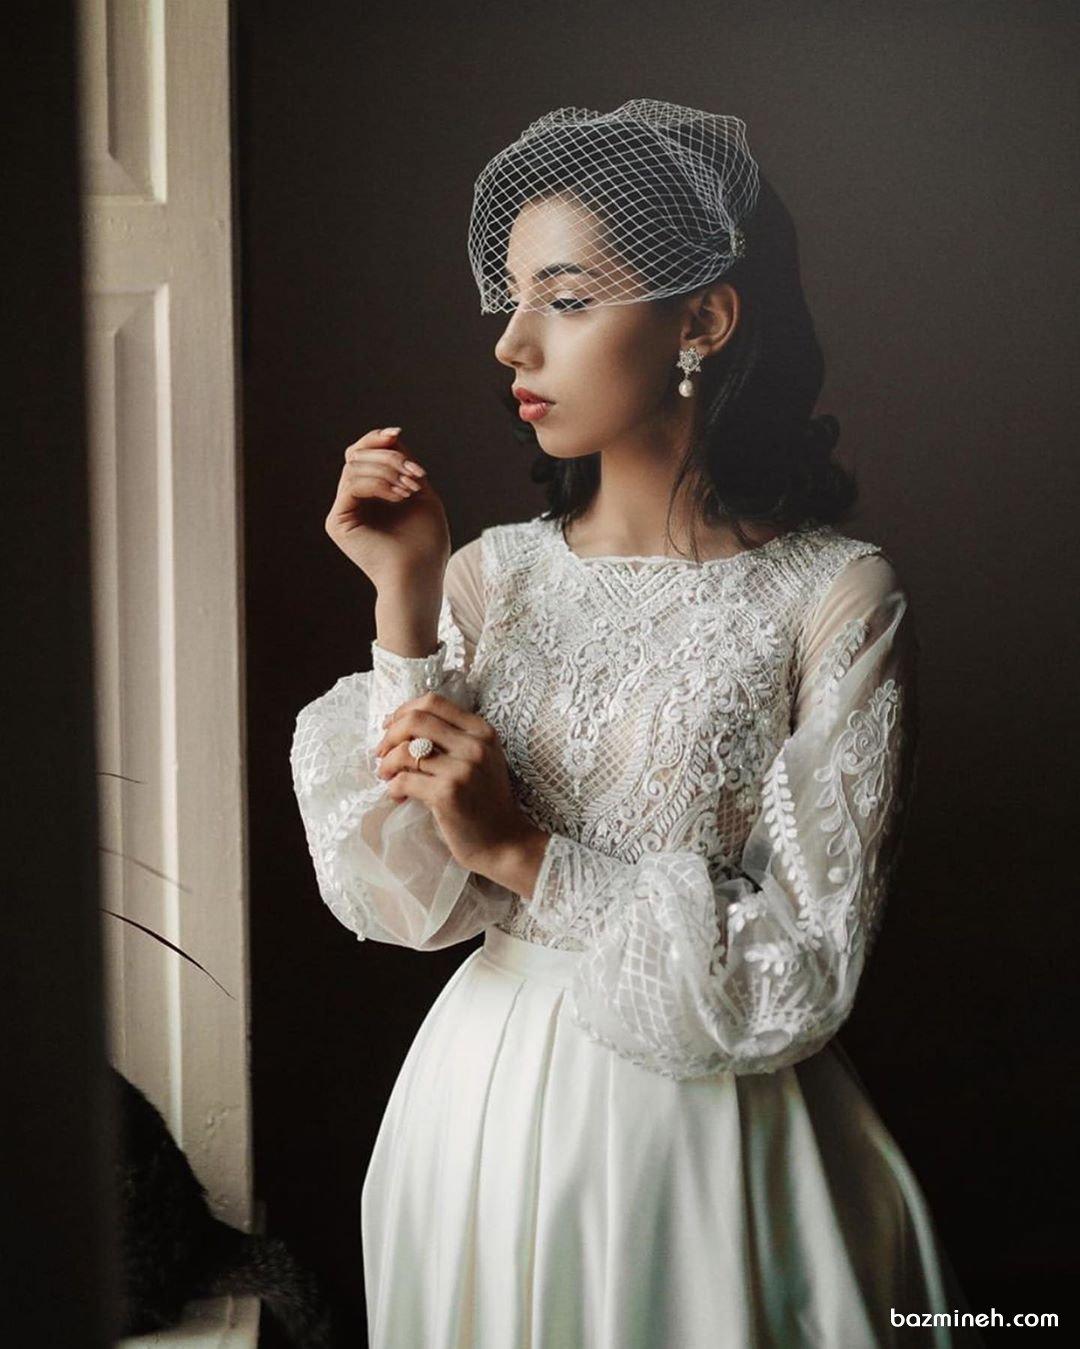 ۴۵ آتلیه برتر عکس و فیلم عروس در تهران در سال ۹۹